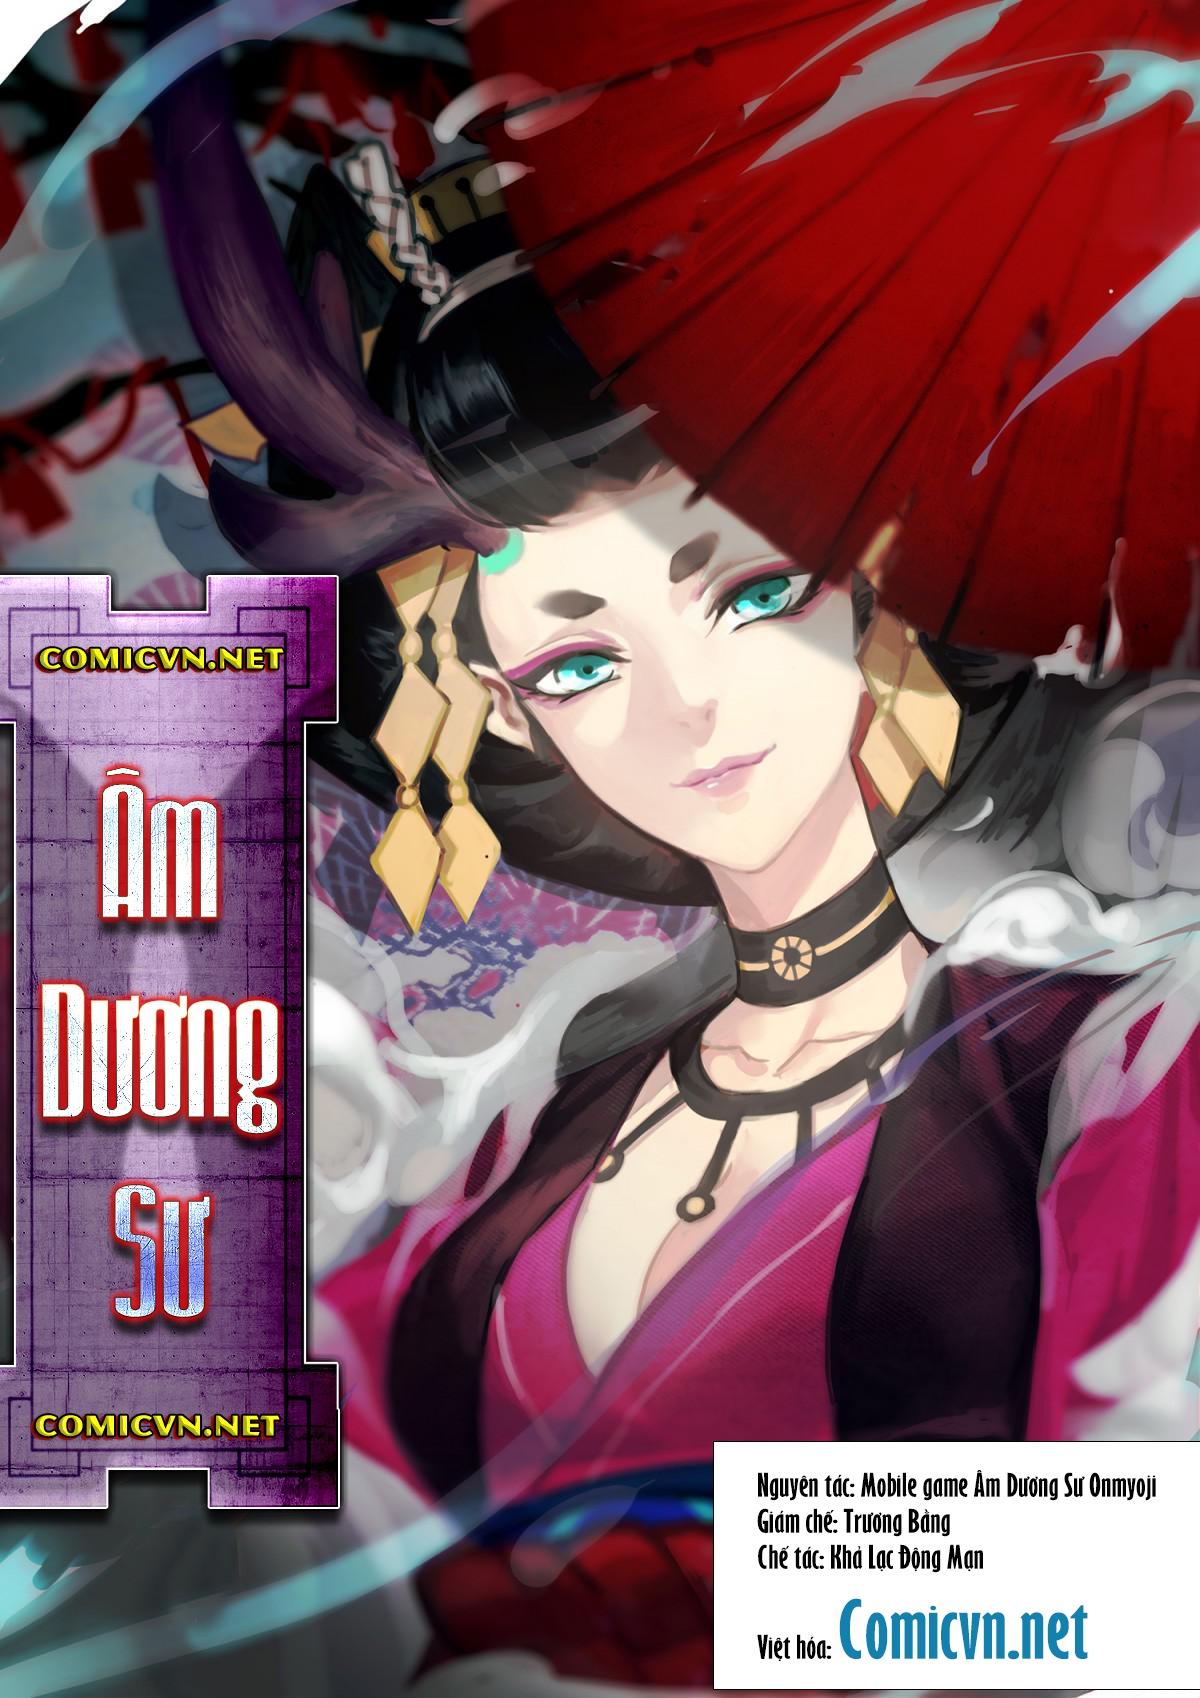 Onmyoji - Âm Dương Sư manga chap 13 - Trang 1